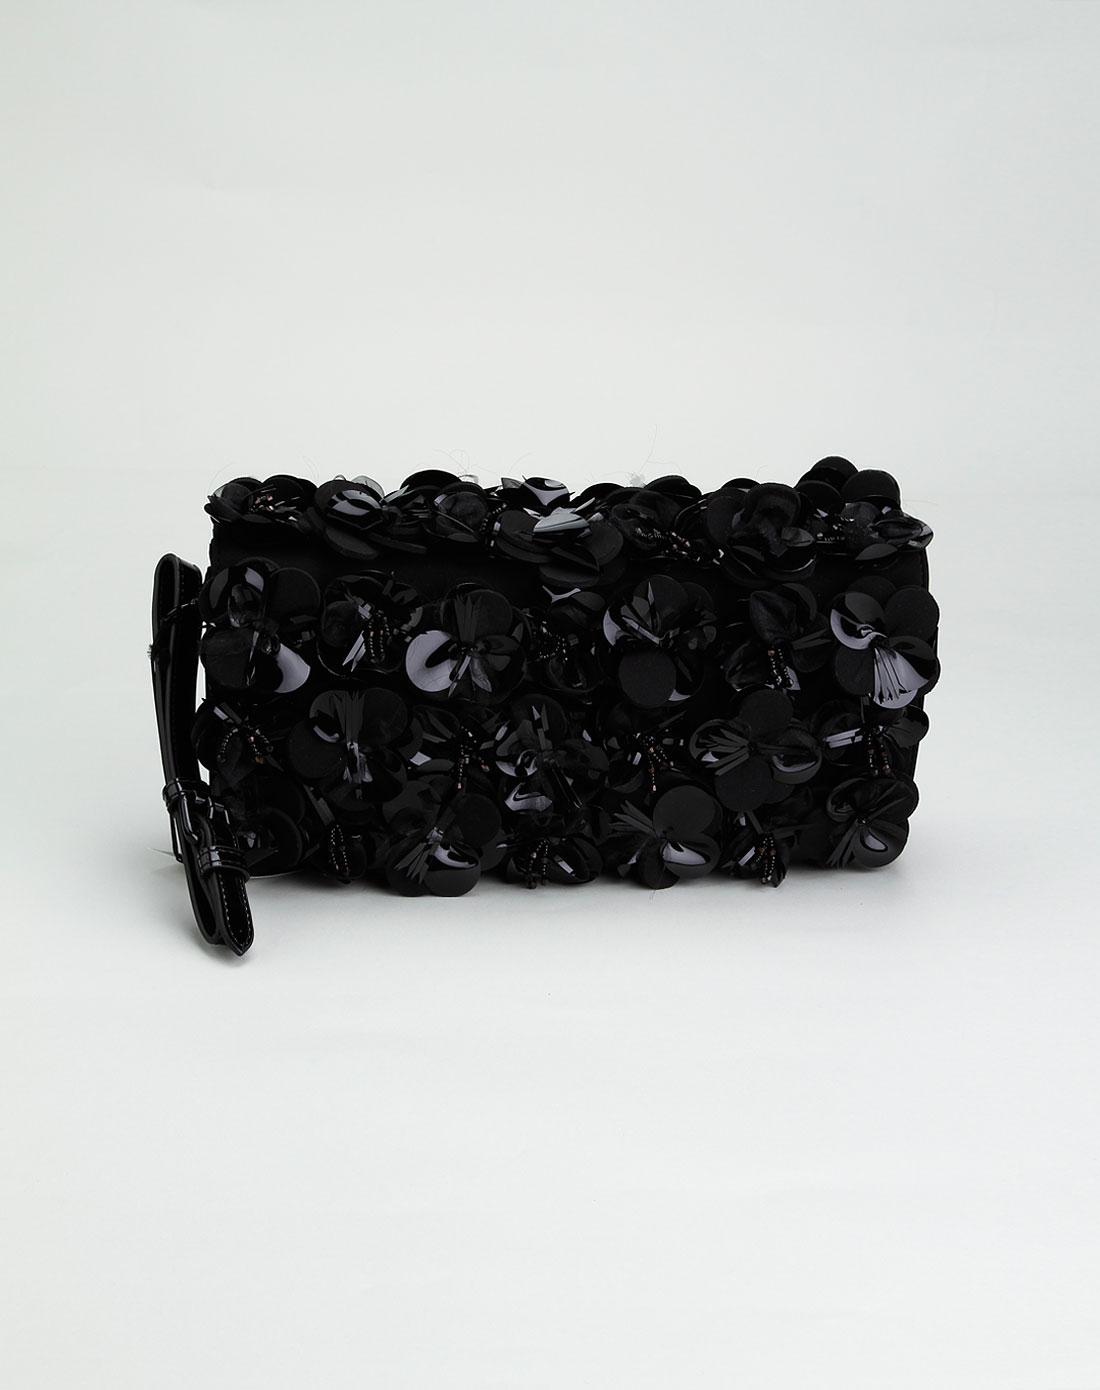 iceberg女款黑色时尚贴花手抓包